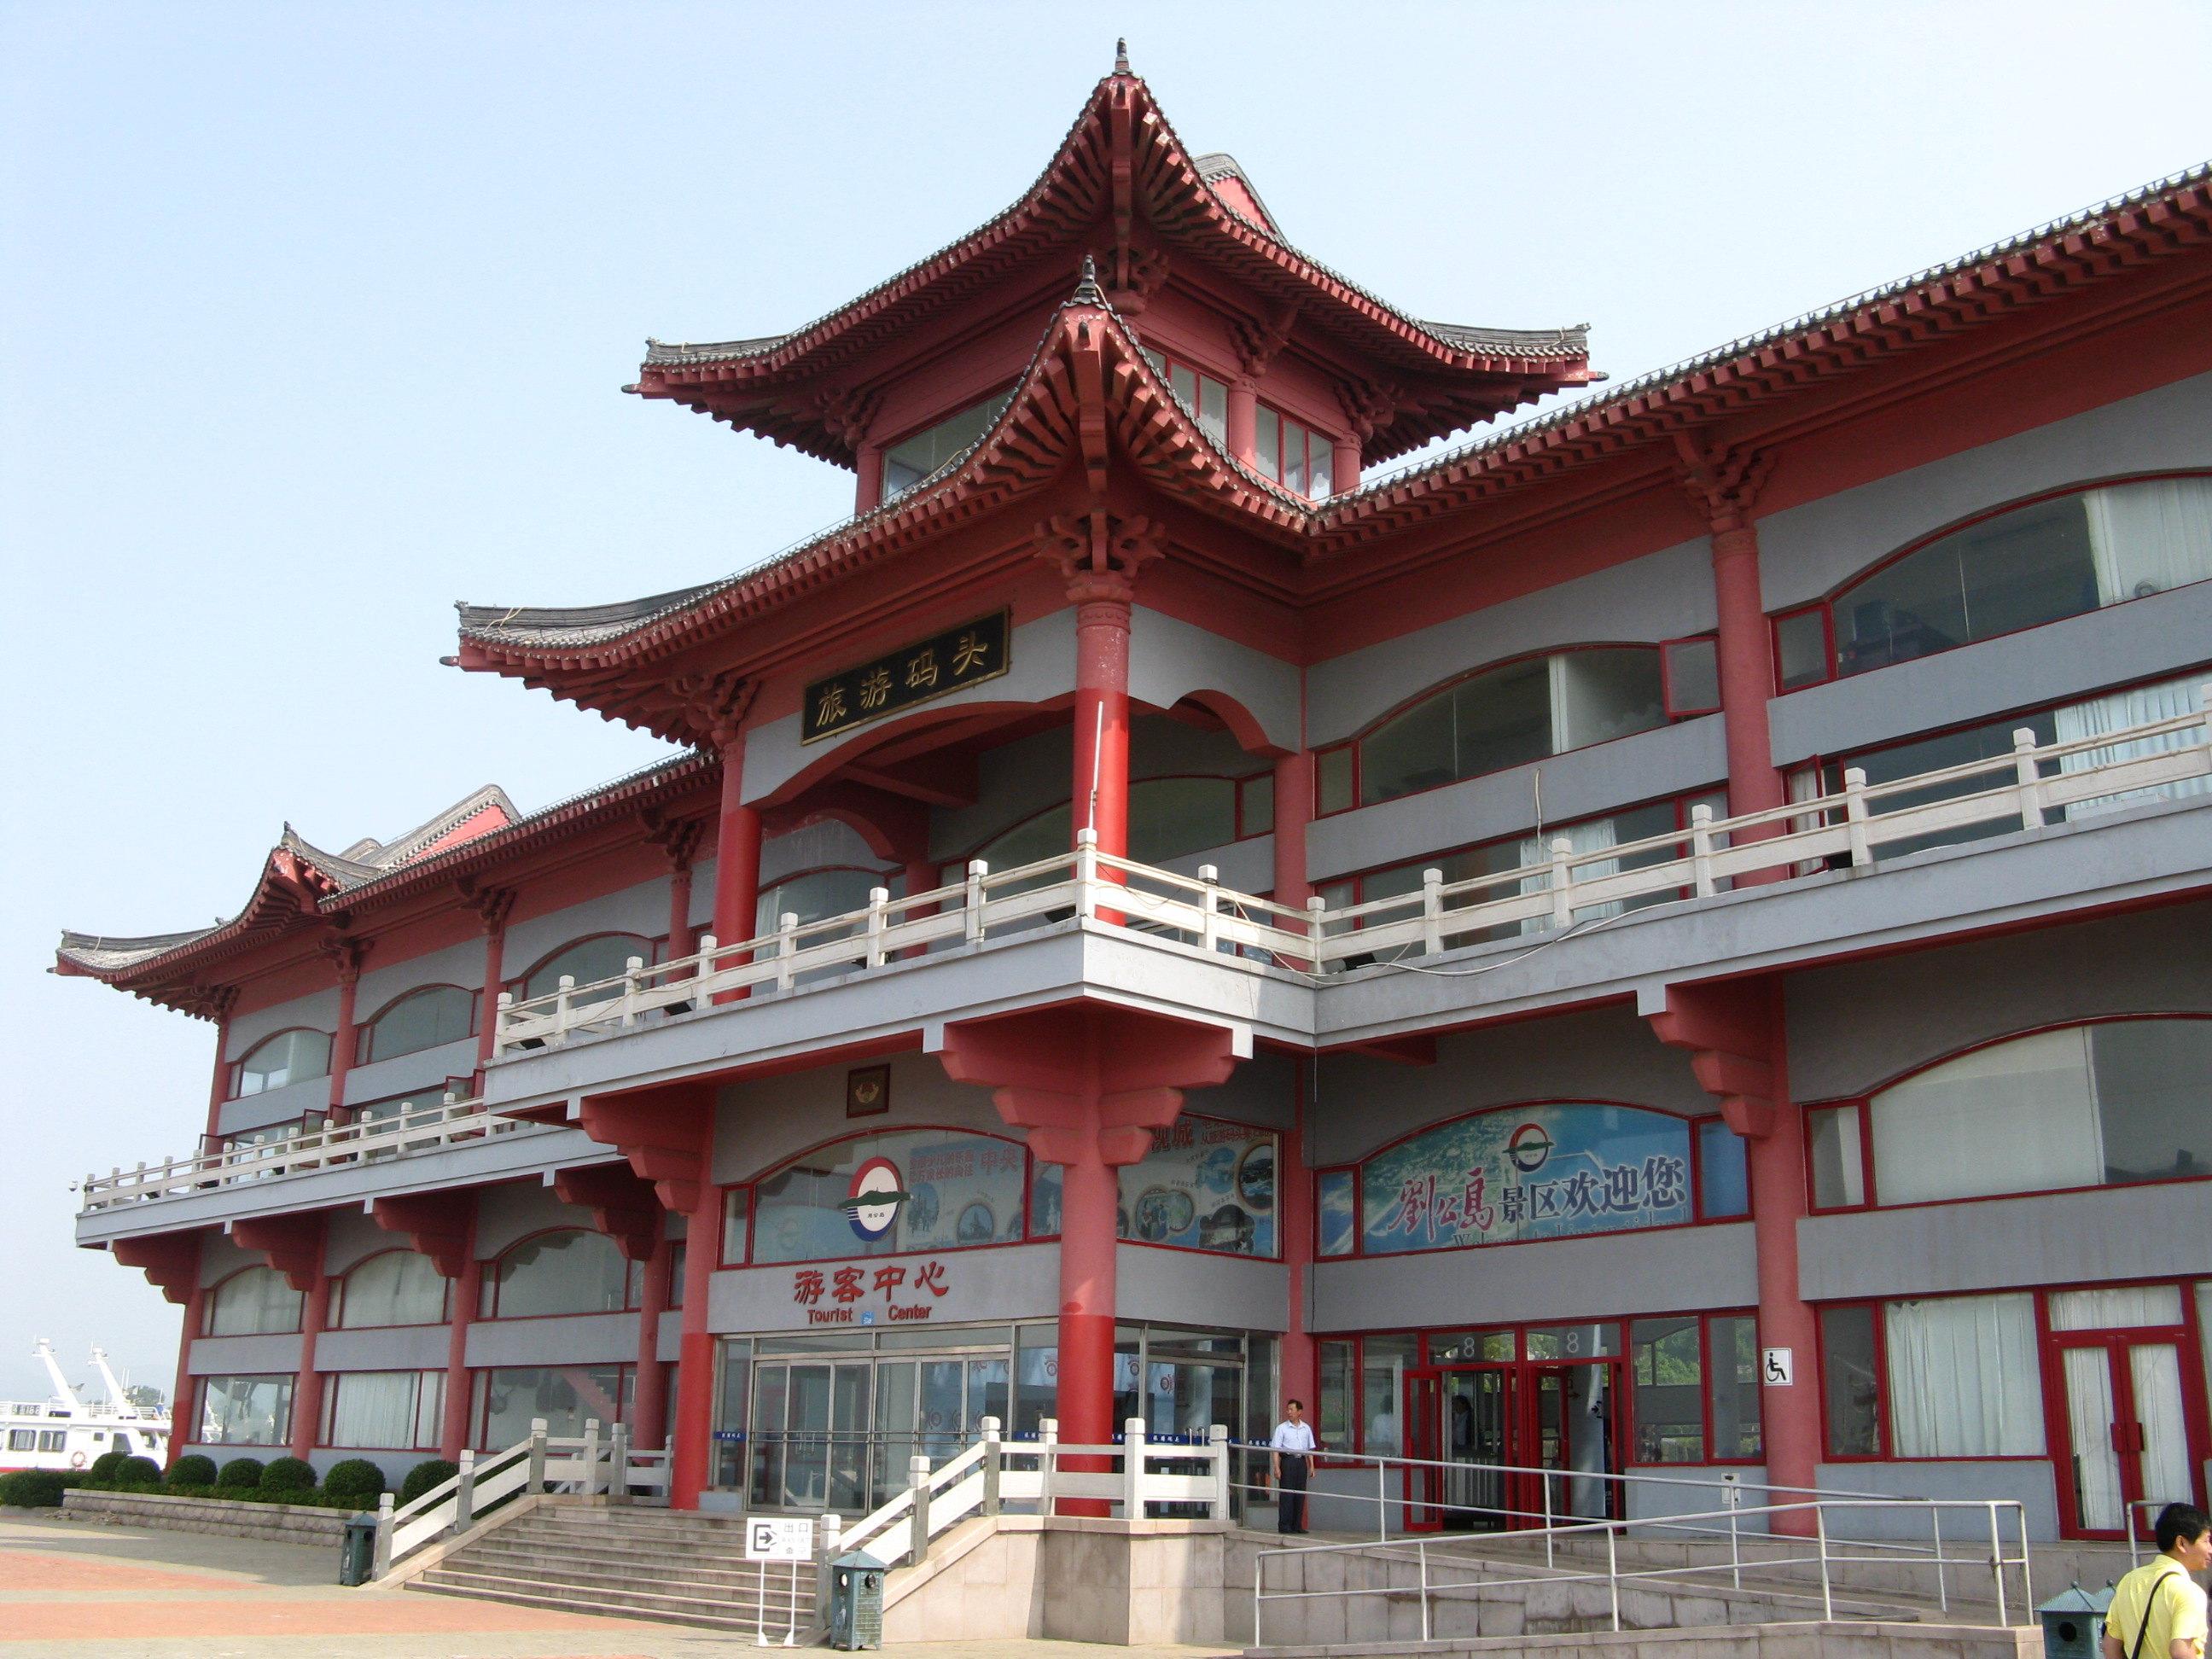 刘公岛景区_【携程攻略】威海刘公岛景点,威海的人文景点也就是刘公岛了,到 ...